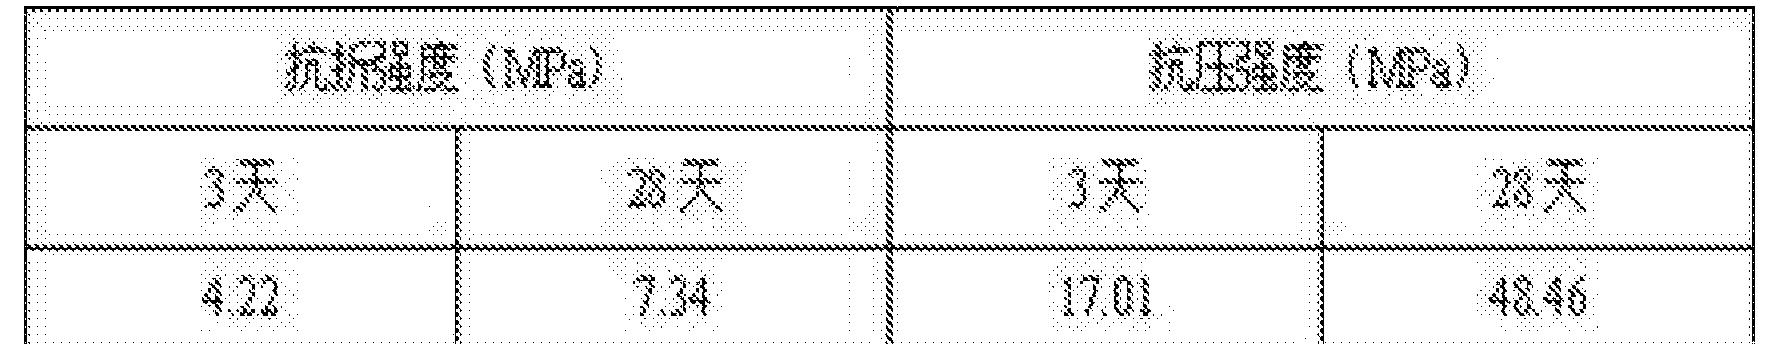 Figure CN104355558BD00084